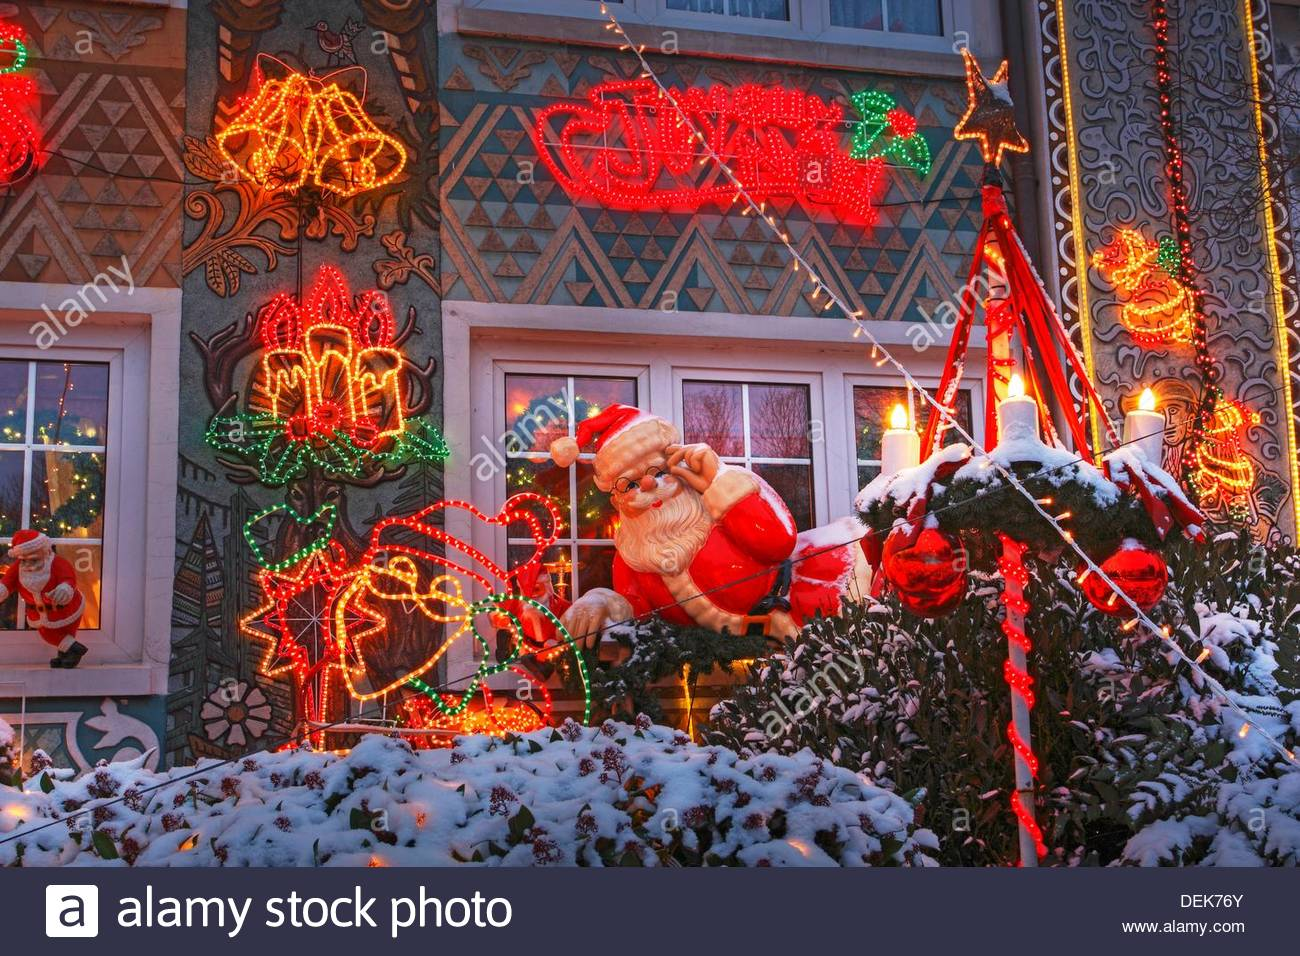 Haus Weihnachtsbeleuchtung.Haus Mit Weihnachtsbeleuchtung In Hamburg Stock Photos Haus Mit